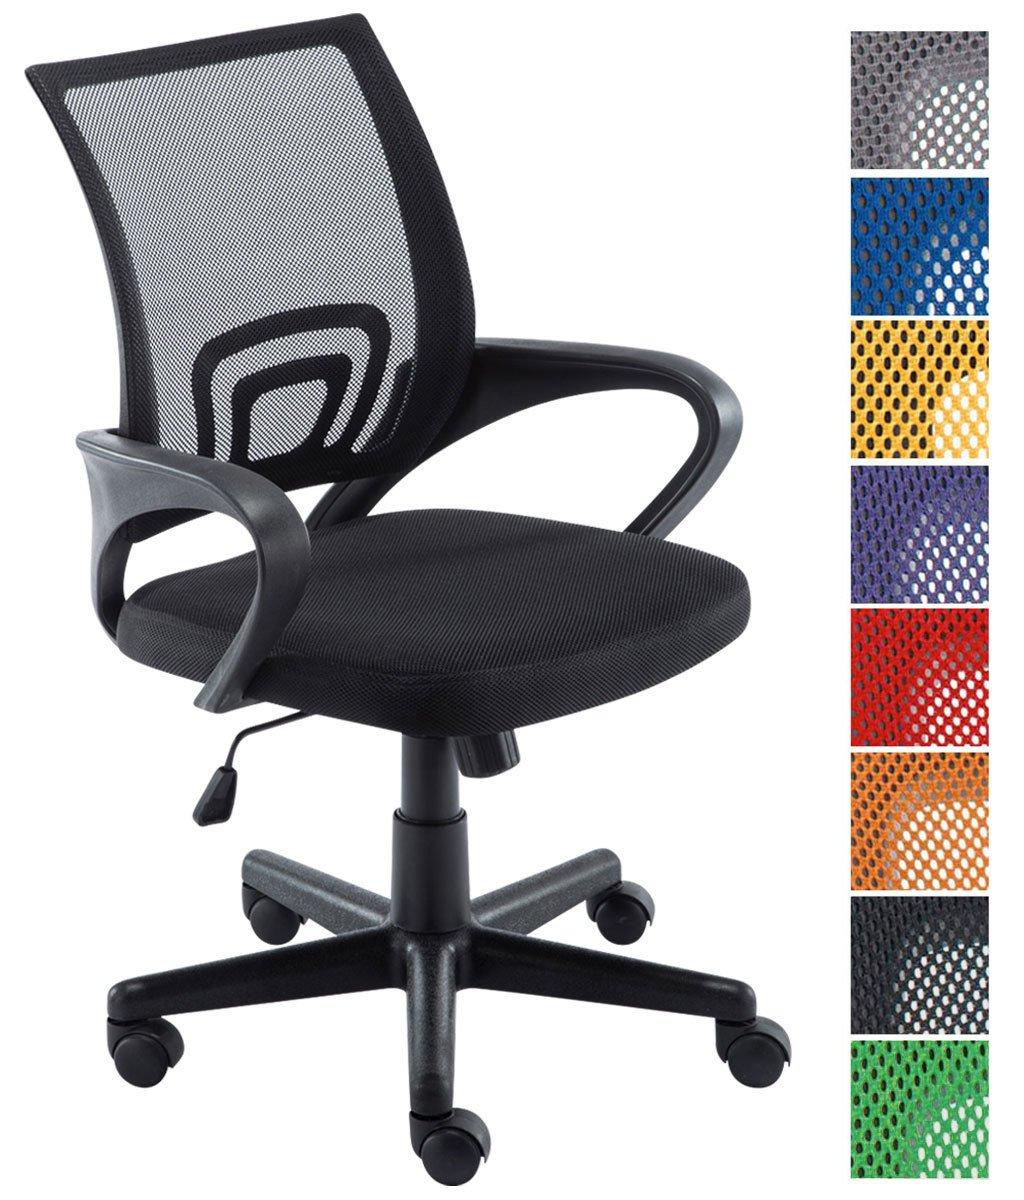 CLP Silla de escritorio GENIUS. Silla giratoria con altura regulable. Asiento acolchado y con tapizado con tela en red transpirable. Disponible en diferentes colores.